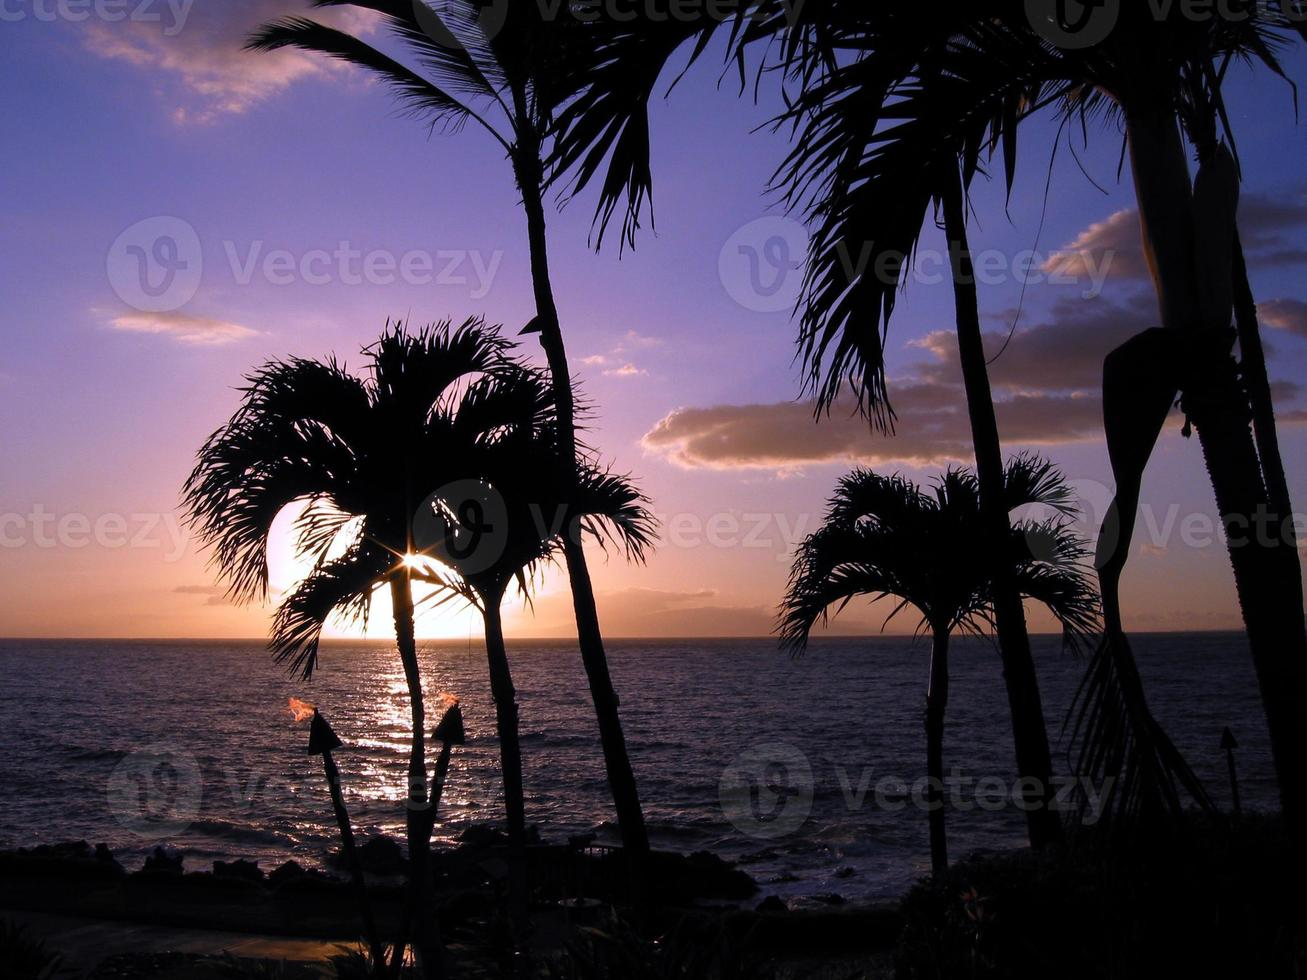 Hawaiiaanse tiki fakkel zonsondergang, maui foto